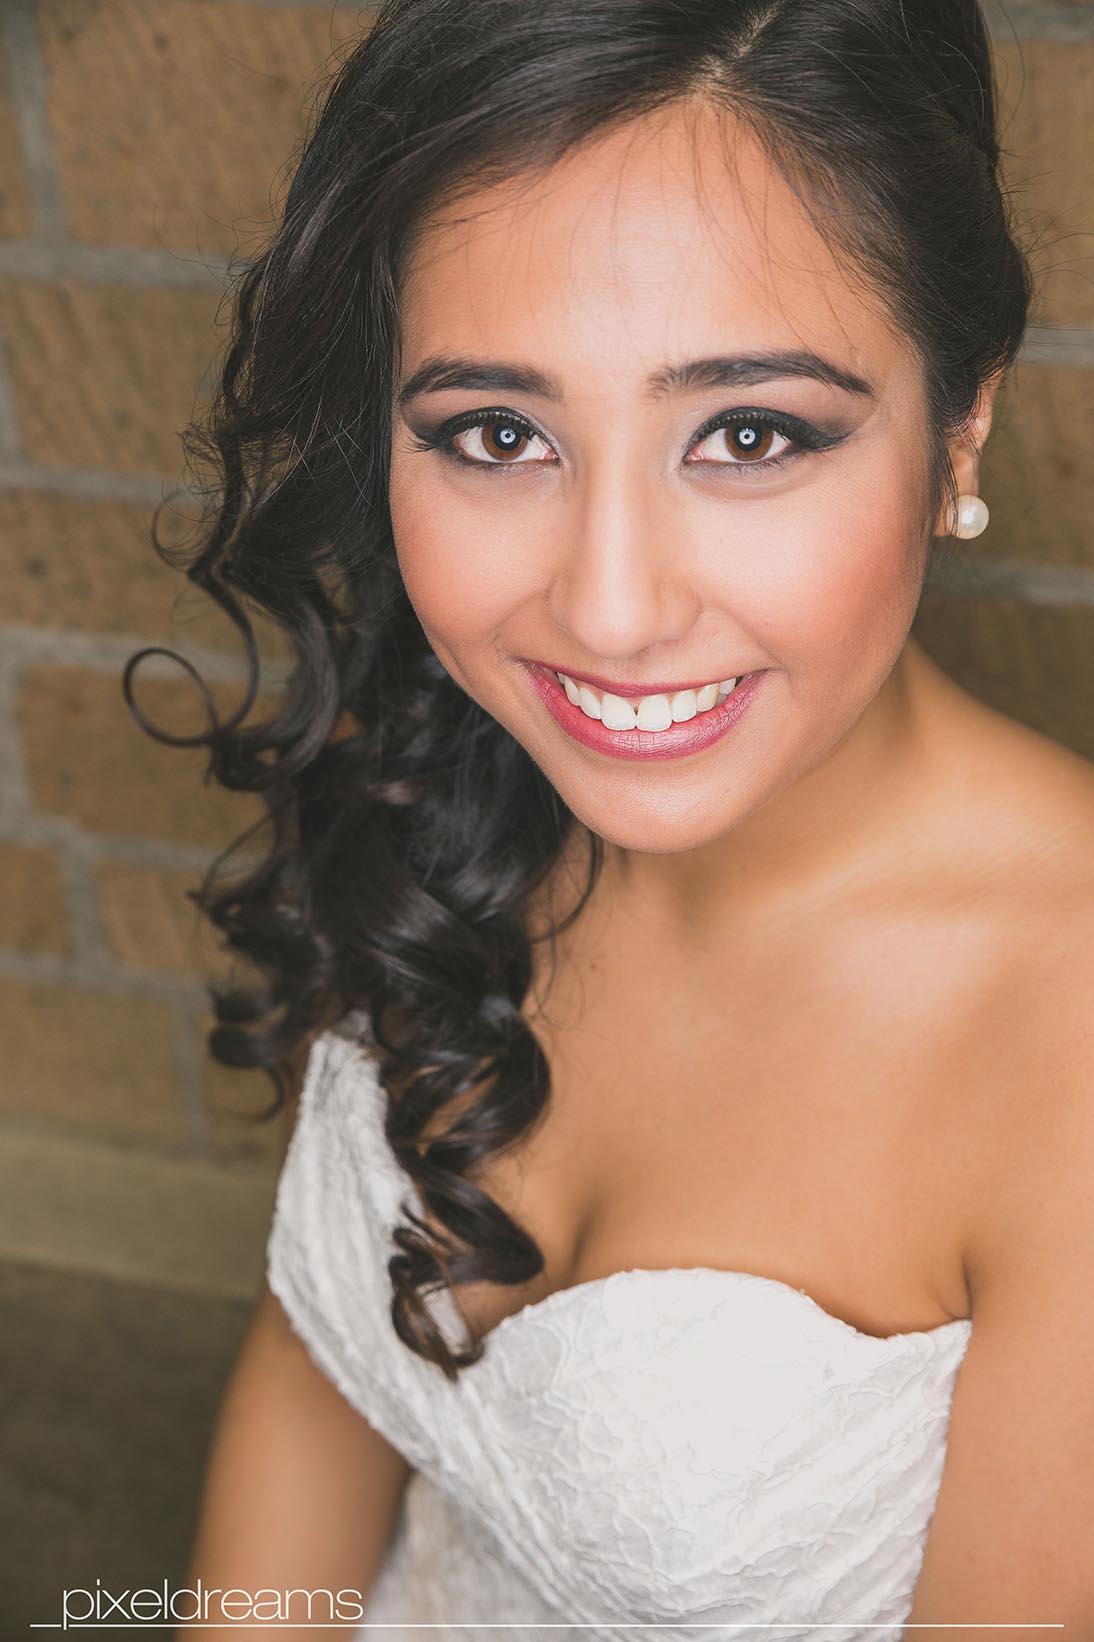 Ein tolles Braut make-up, Hochzeitsfotograf Pixeldreams in Köln portraitiert Tina die Thailändische Braut